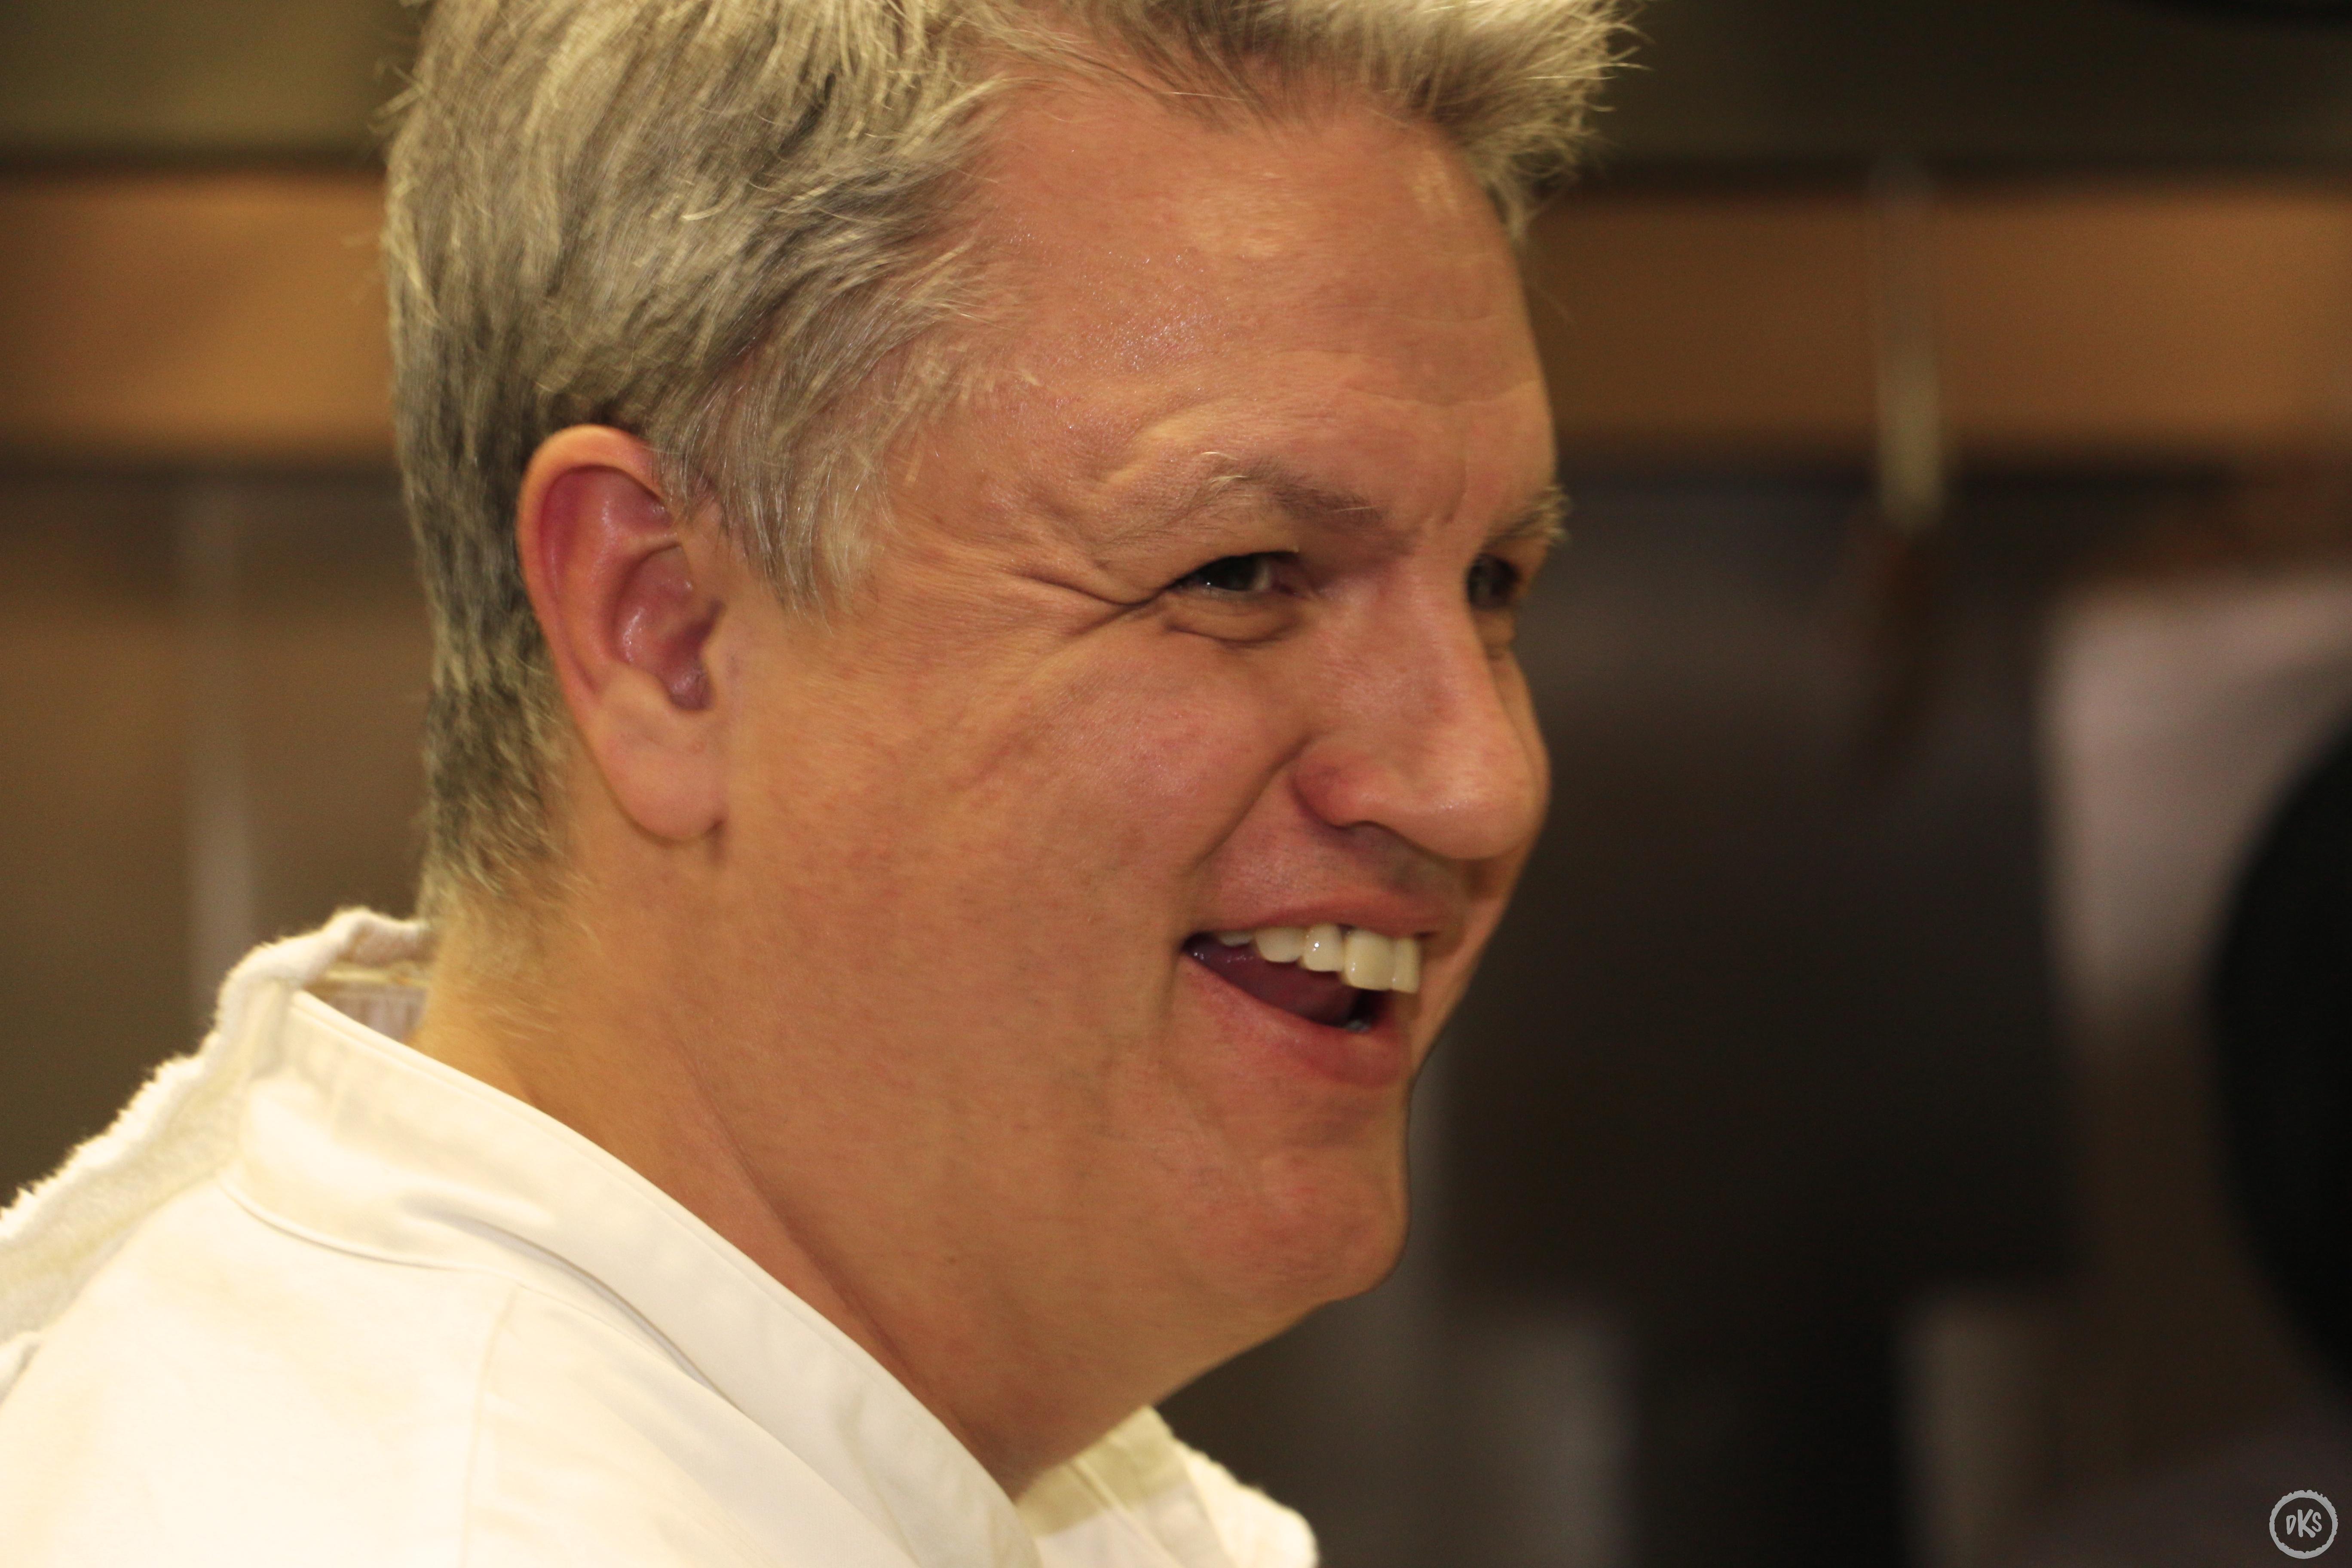 Chef Ursick